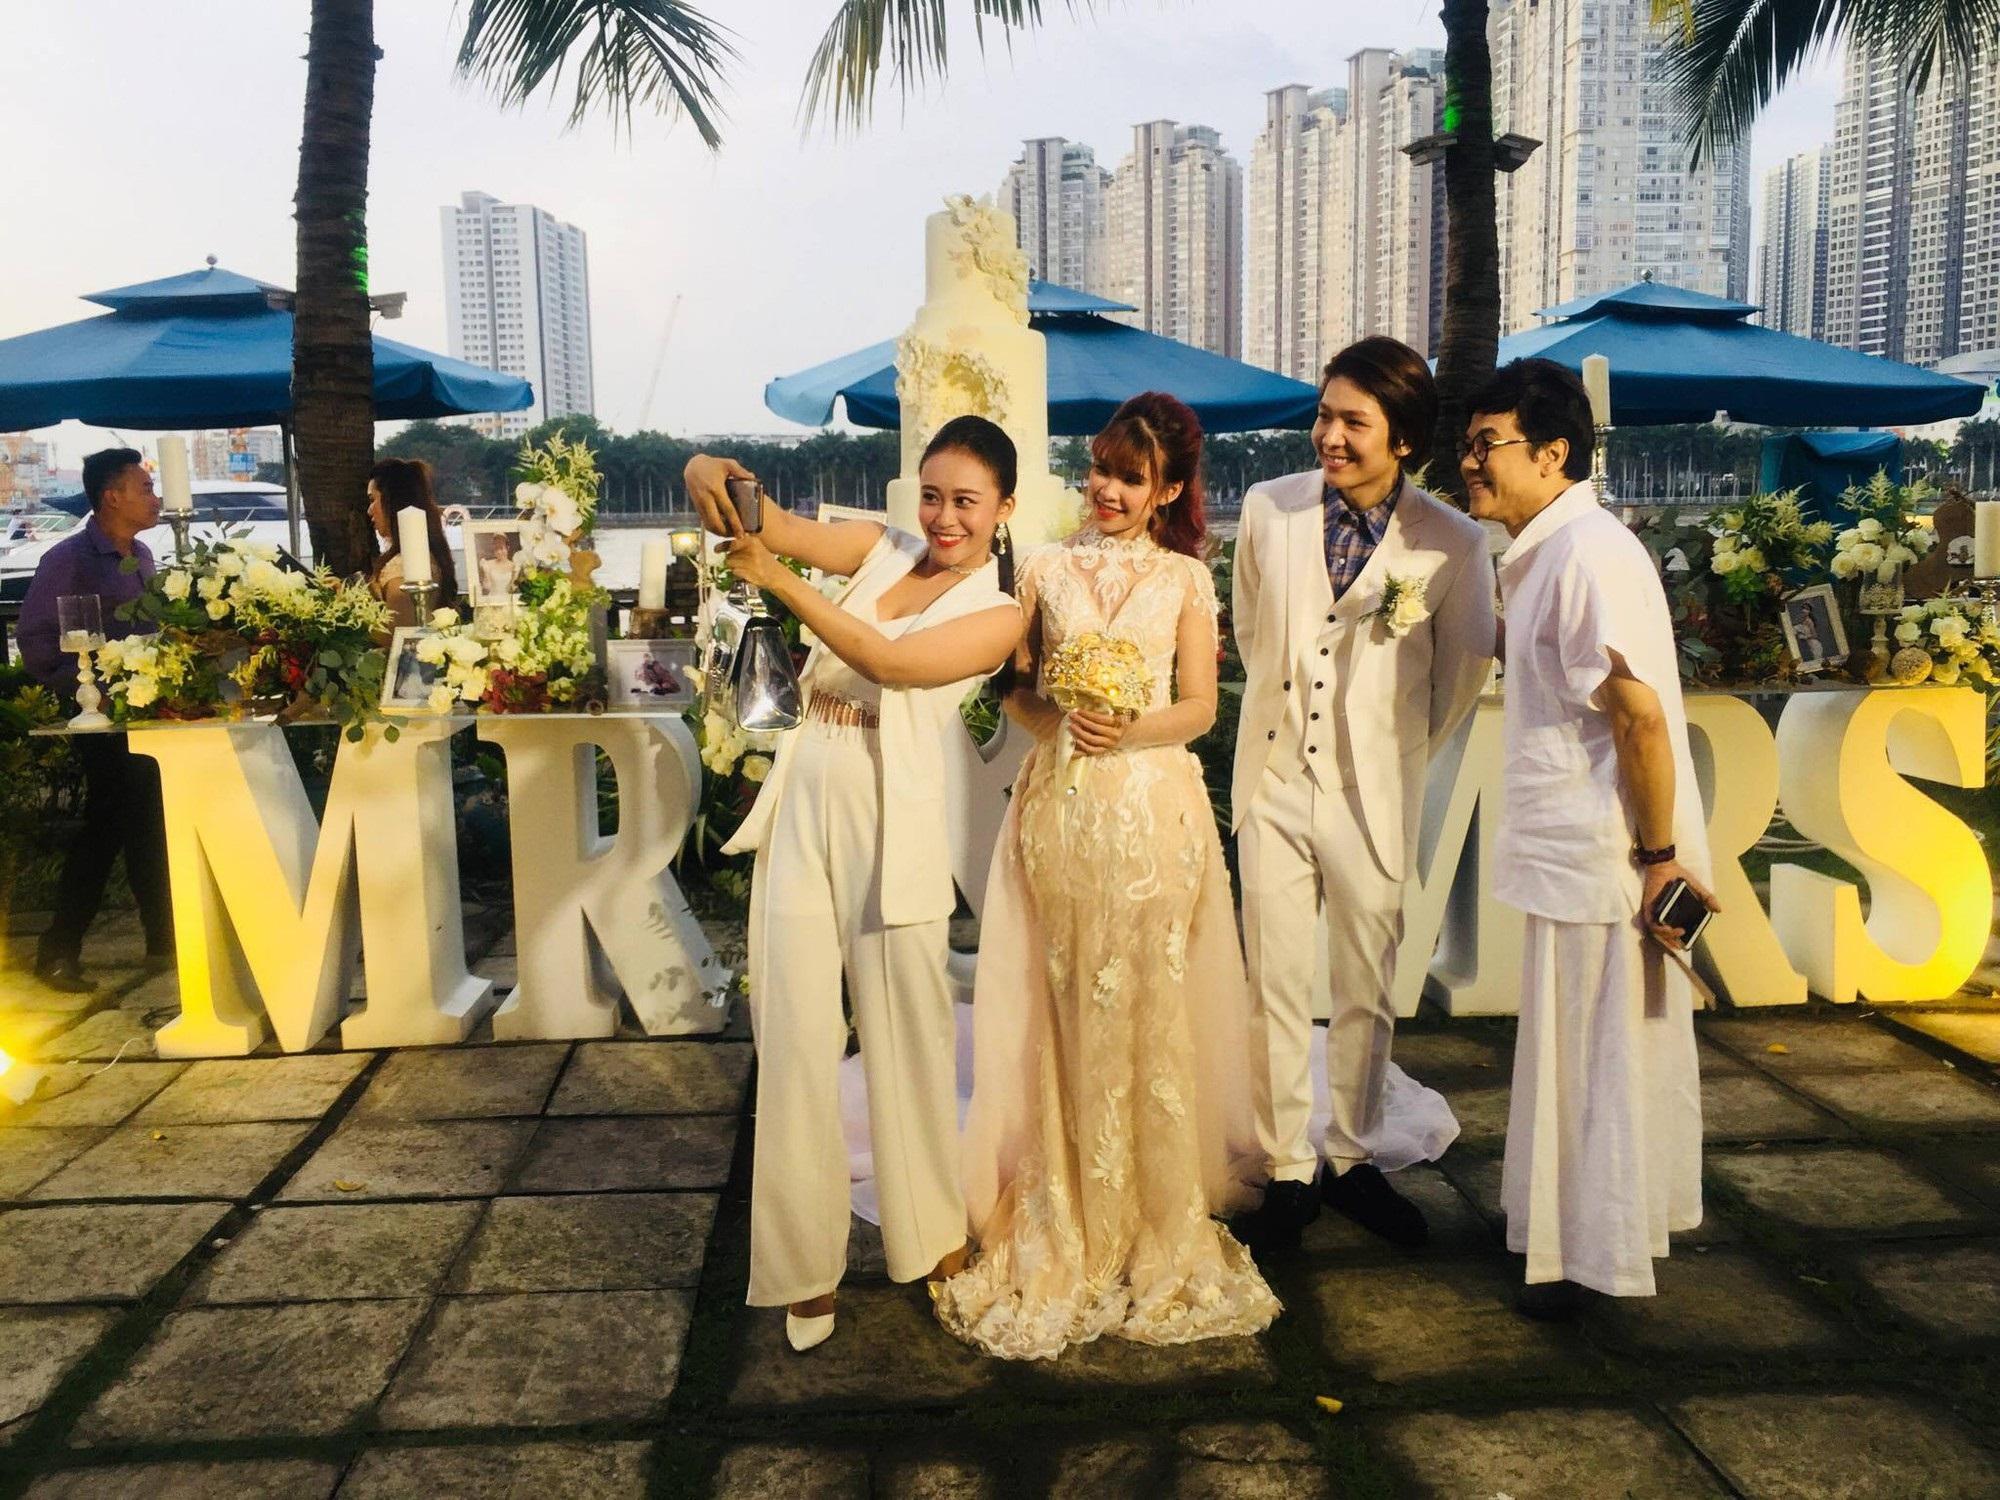 Cập nhật: Vợ chồng Kelvin Khánh - Khởi My diện trang phục giản dị, quậy tưng bừng trong tiệc cưới - Ảnh 2